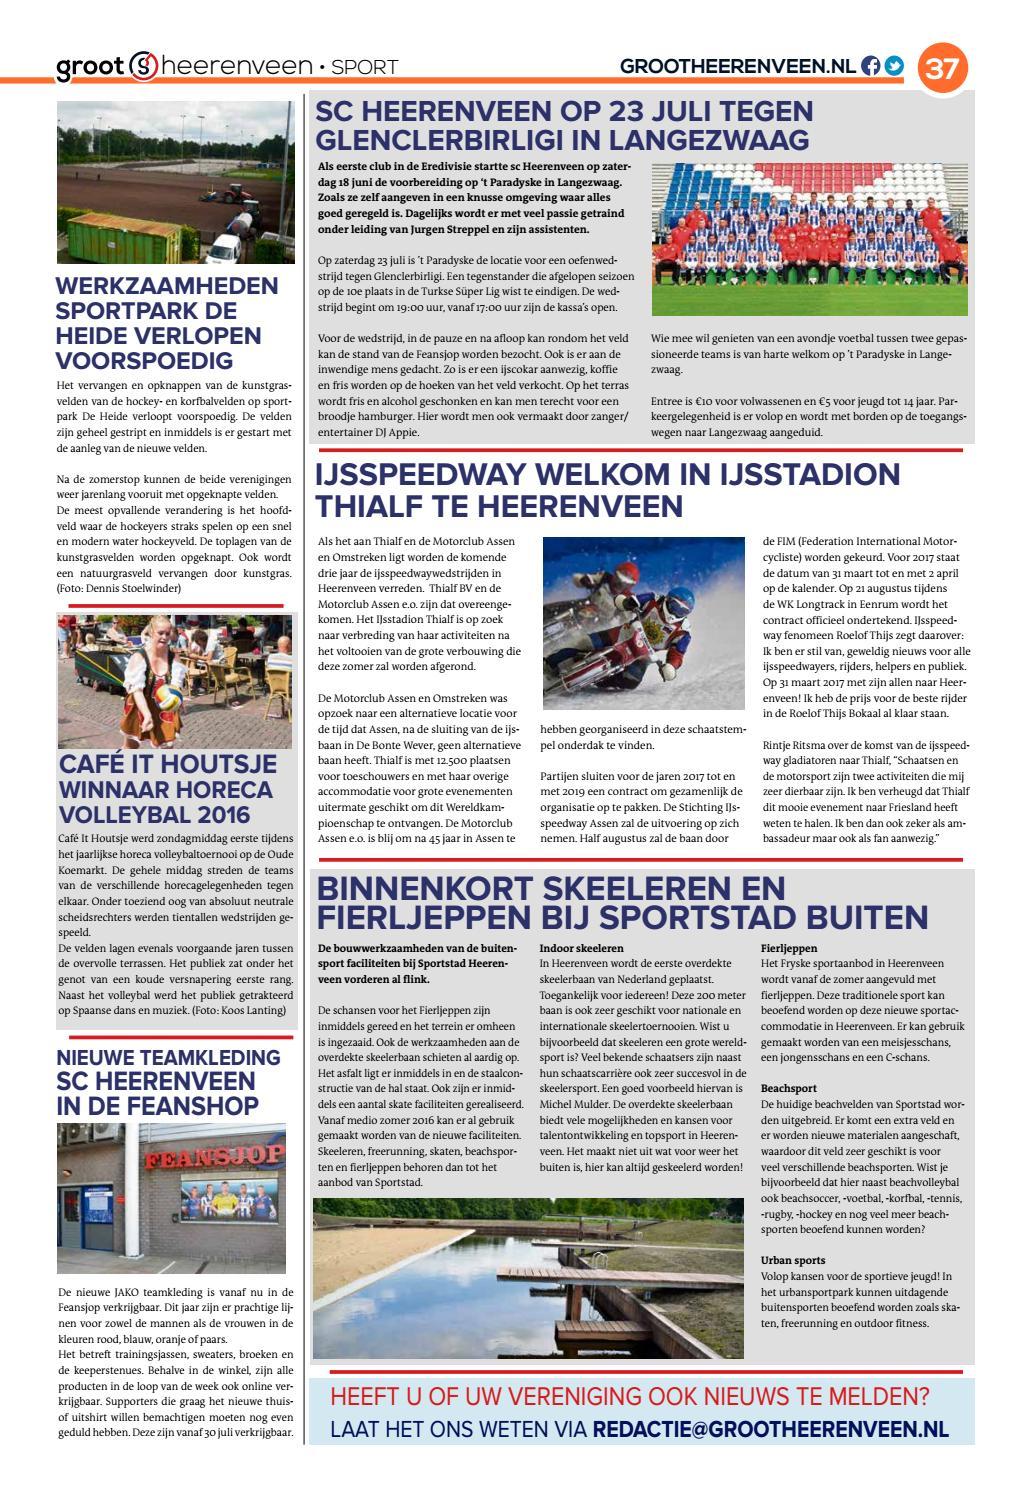 af167ba4ab9 Grootheerenveen 7 - 2016 by GrootHeerenveen - issuu